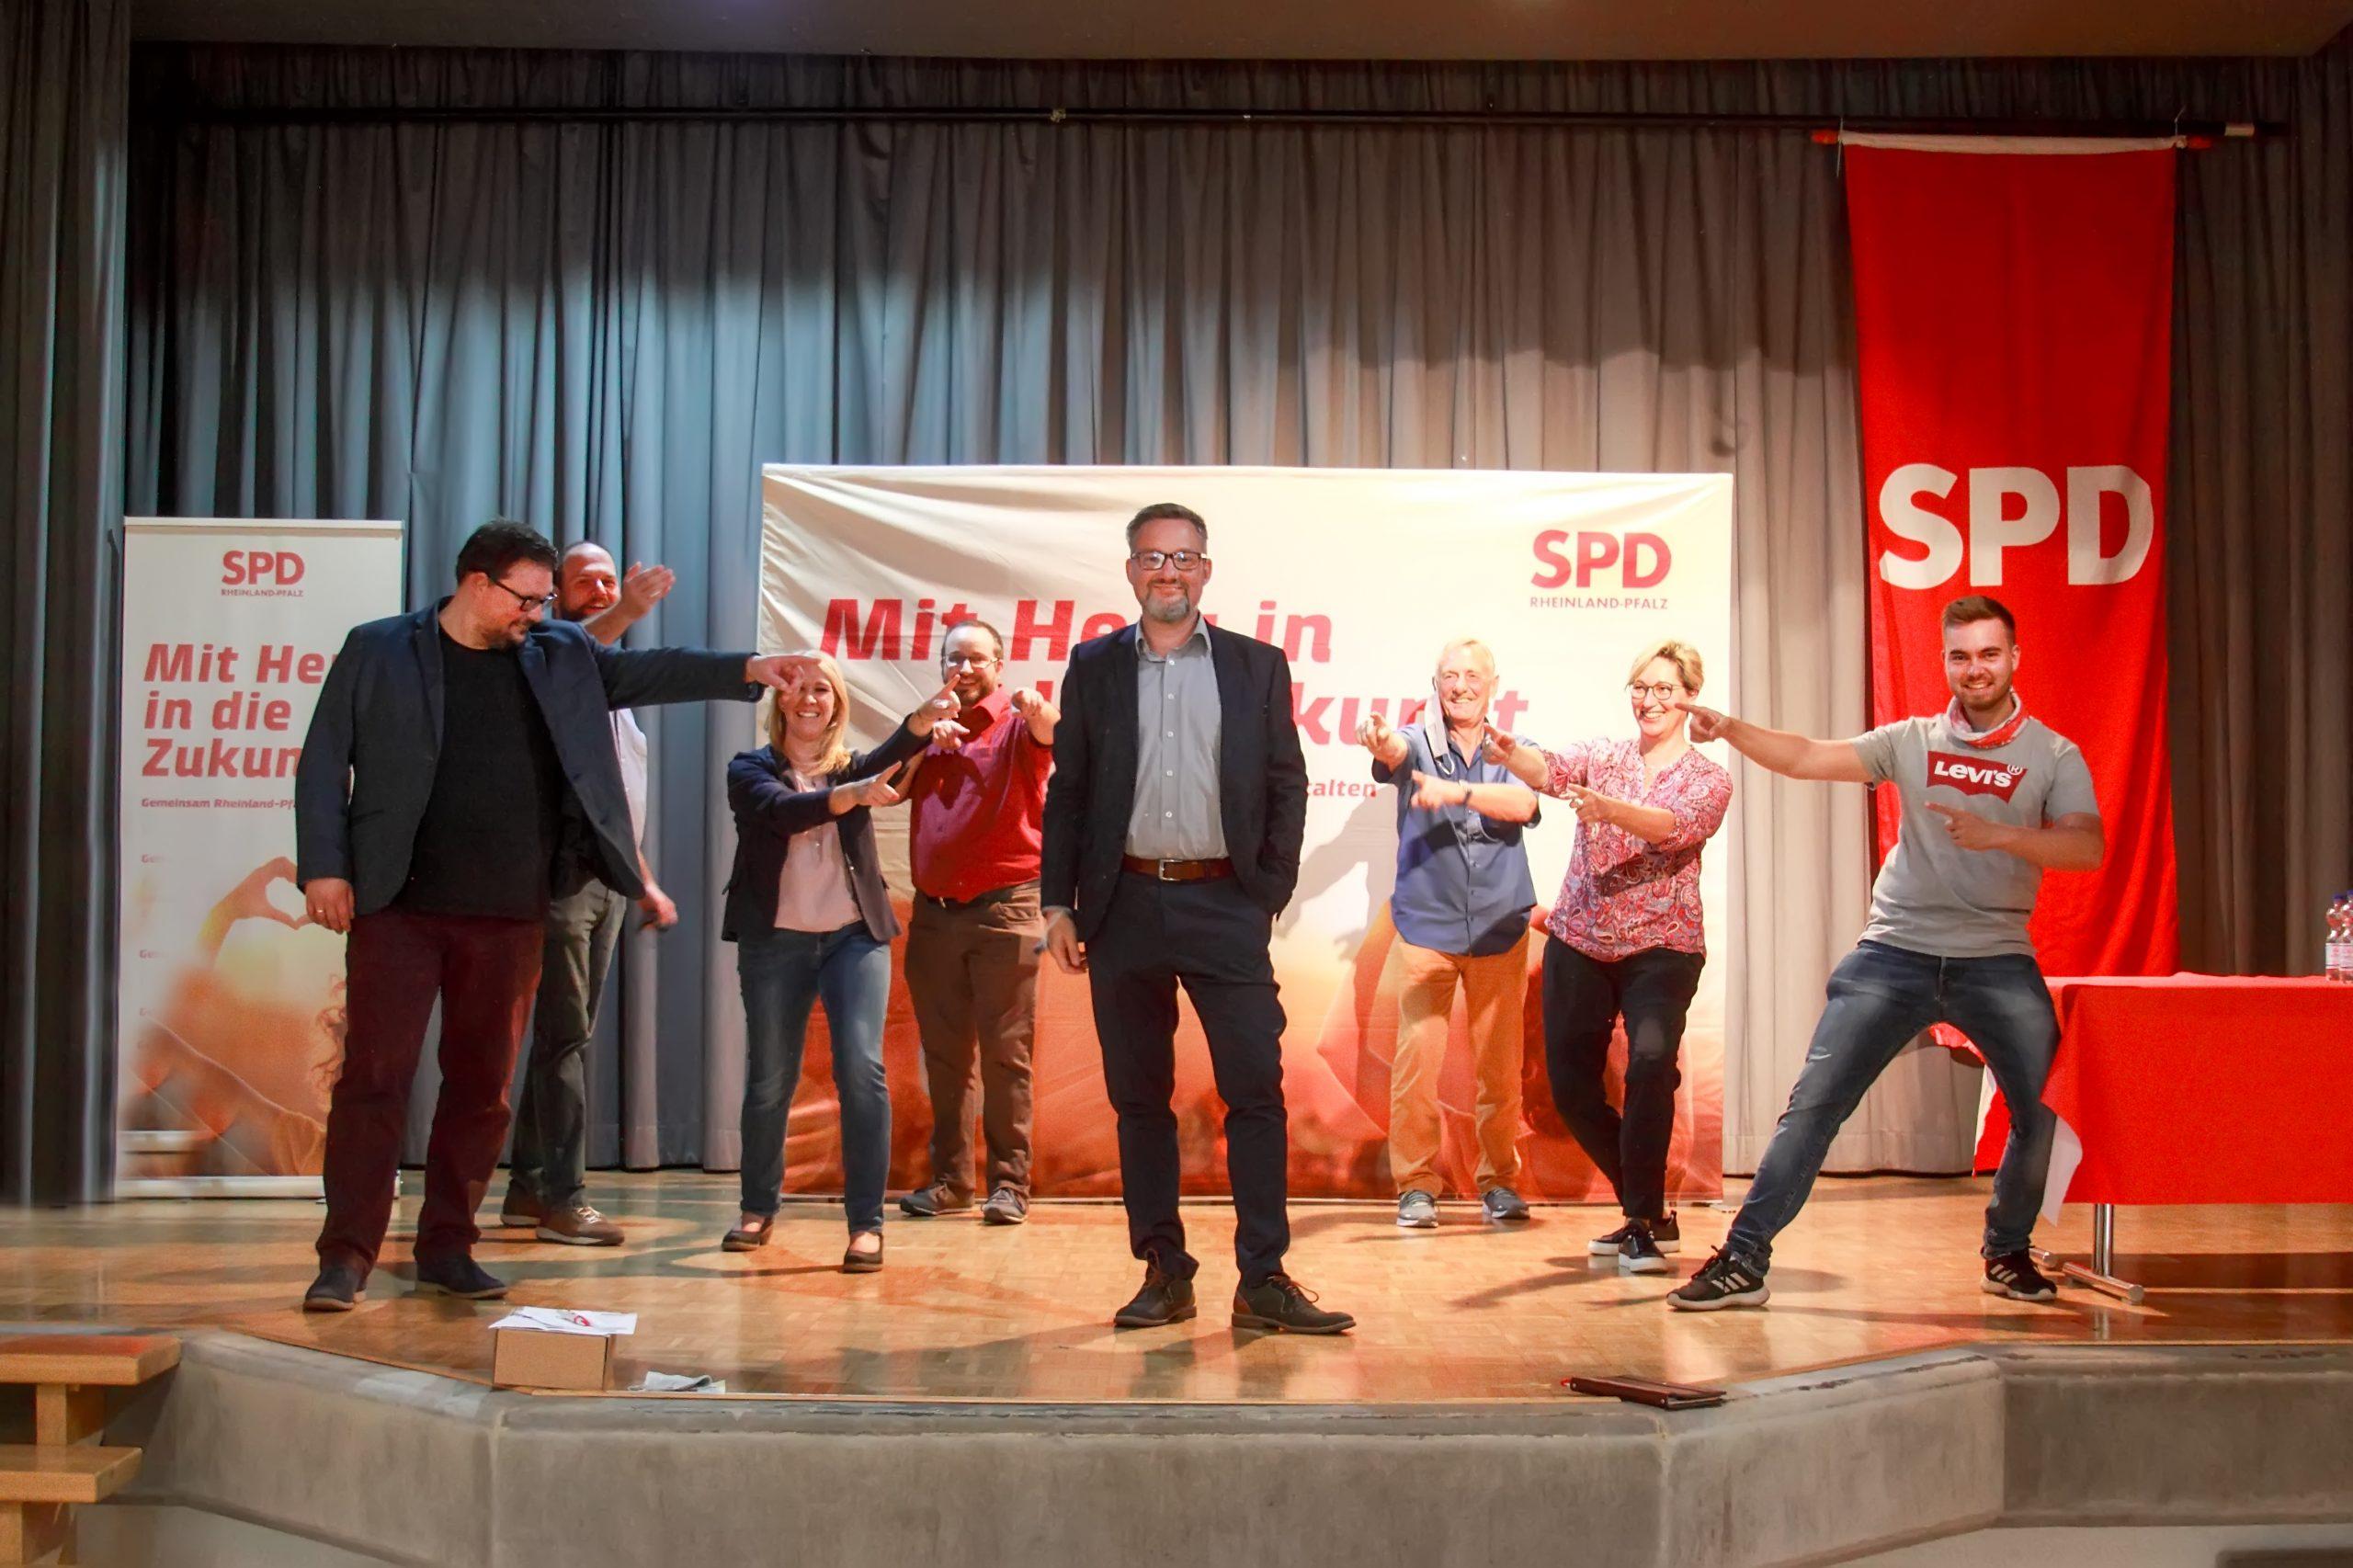 Kropfreiter als Landtagskanditat vorgeschlagen